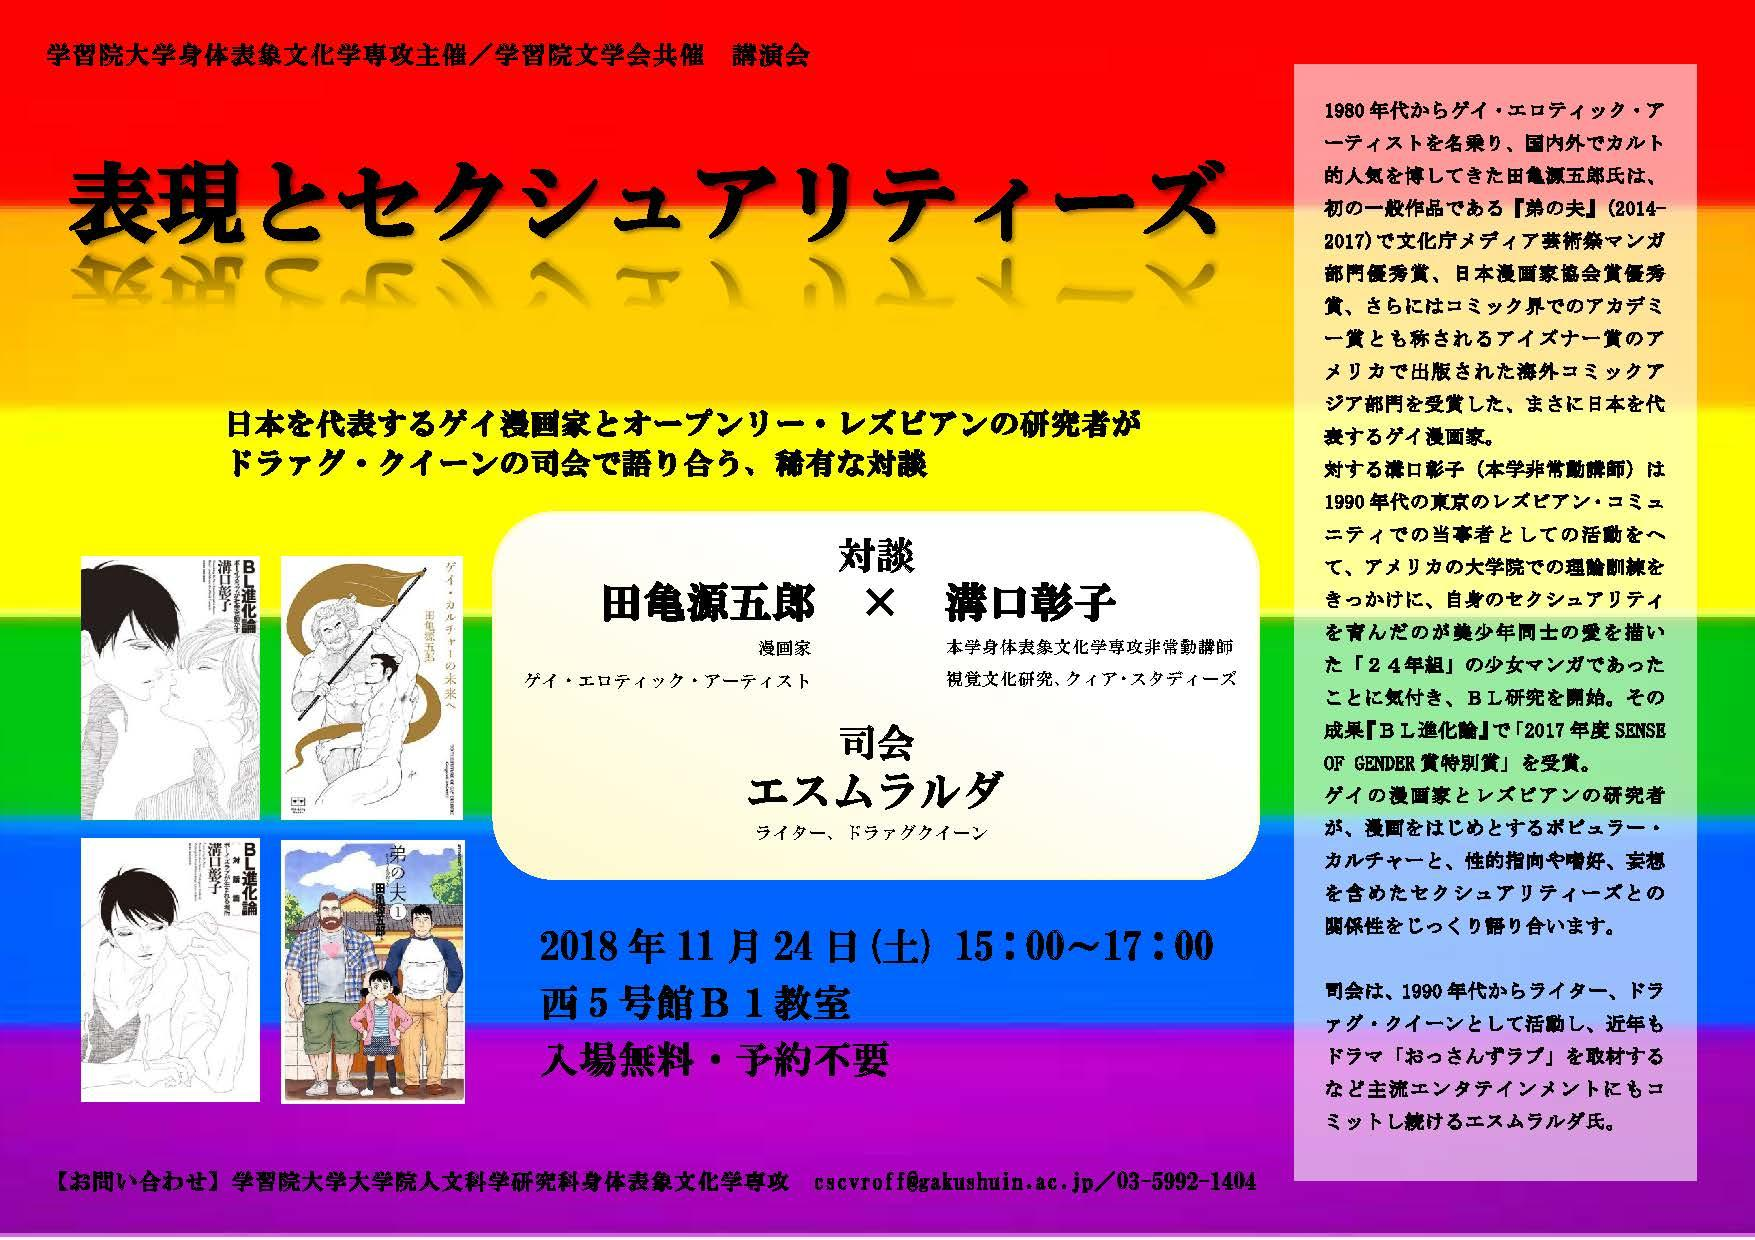 学習院大学が11月24日に講演会「表現とセクシュアリティーズ」を開催